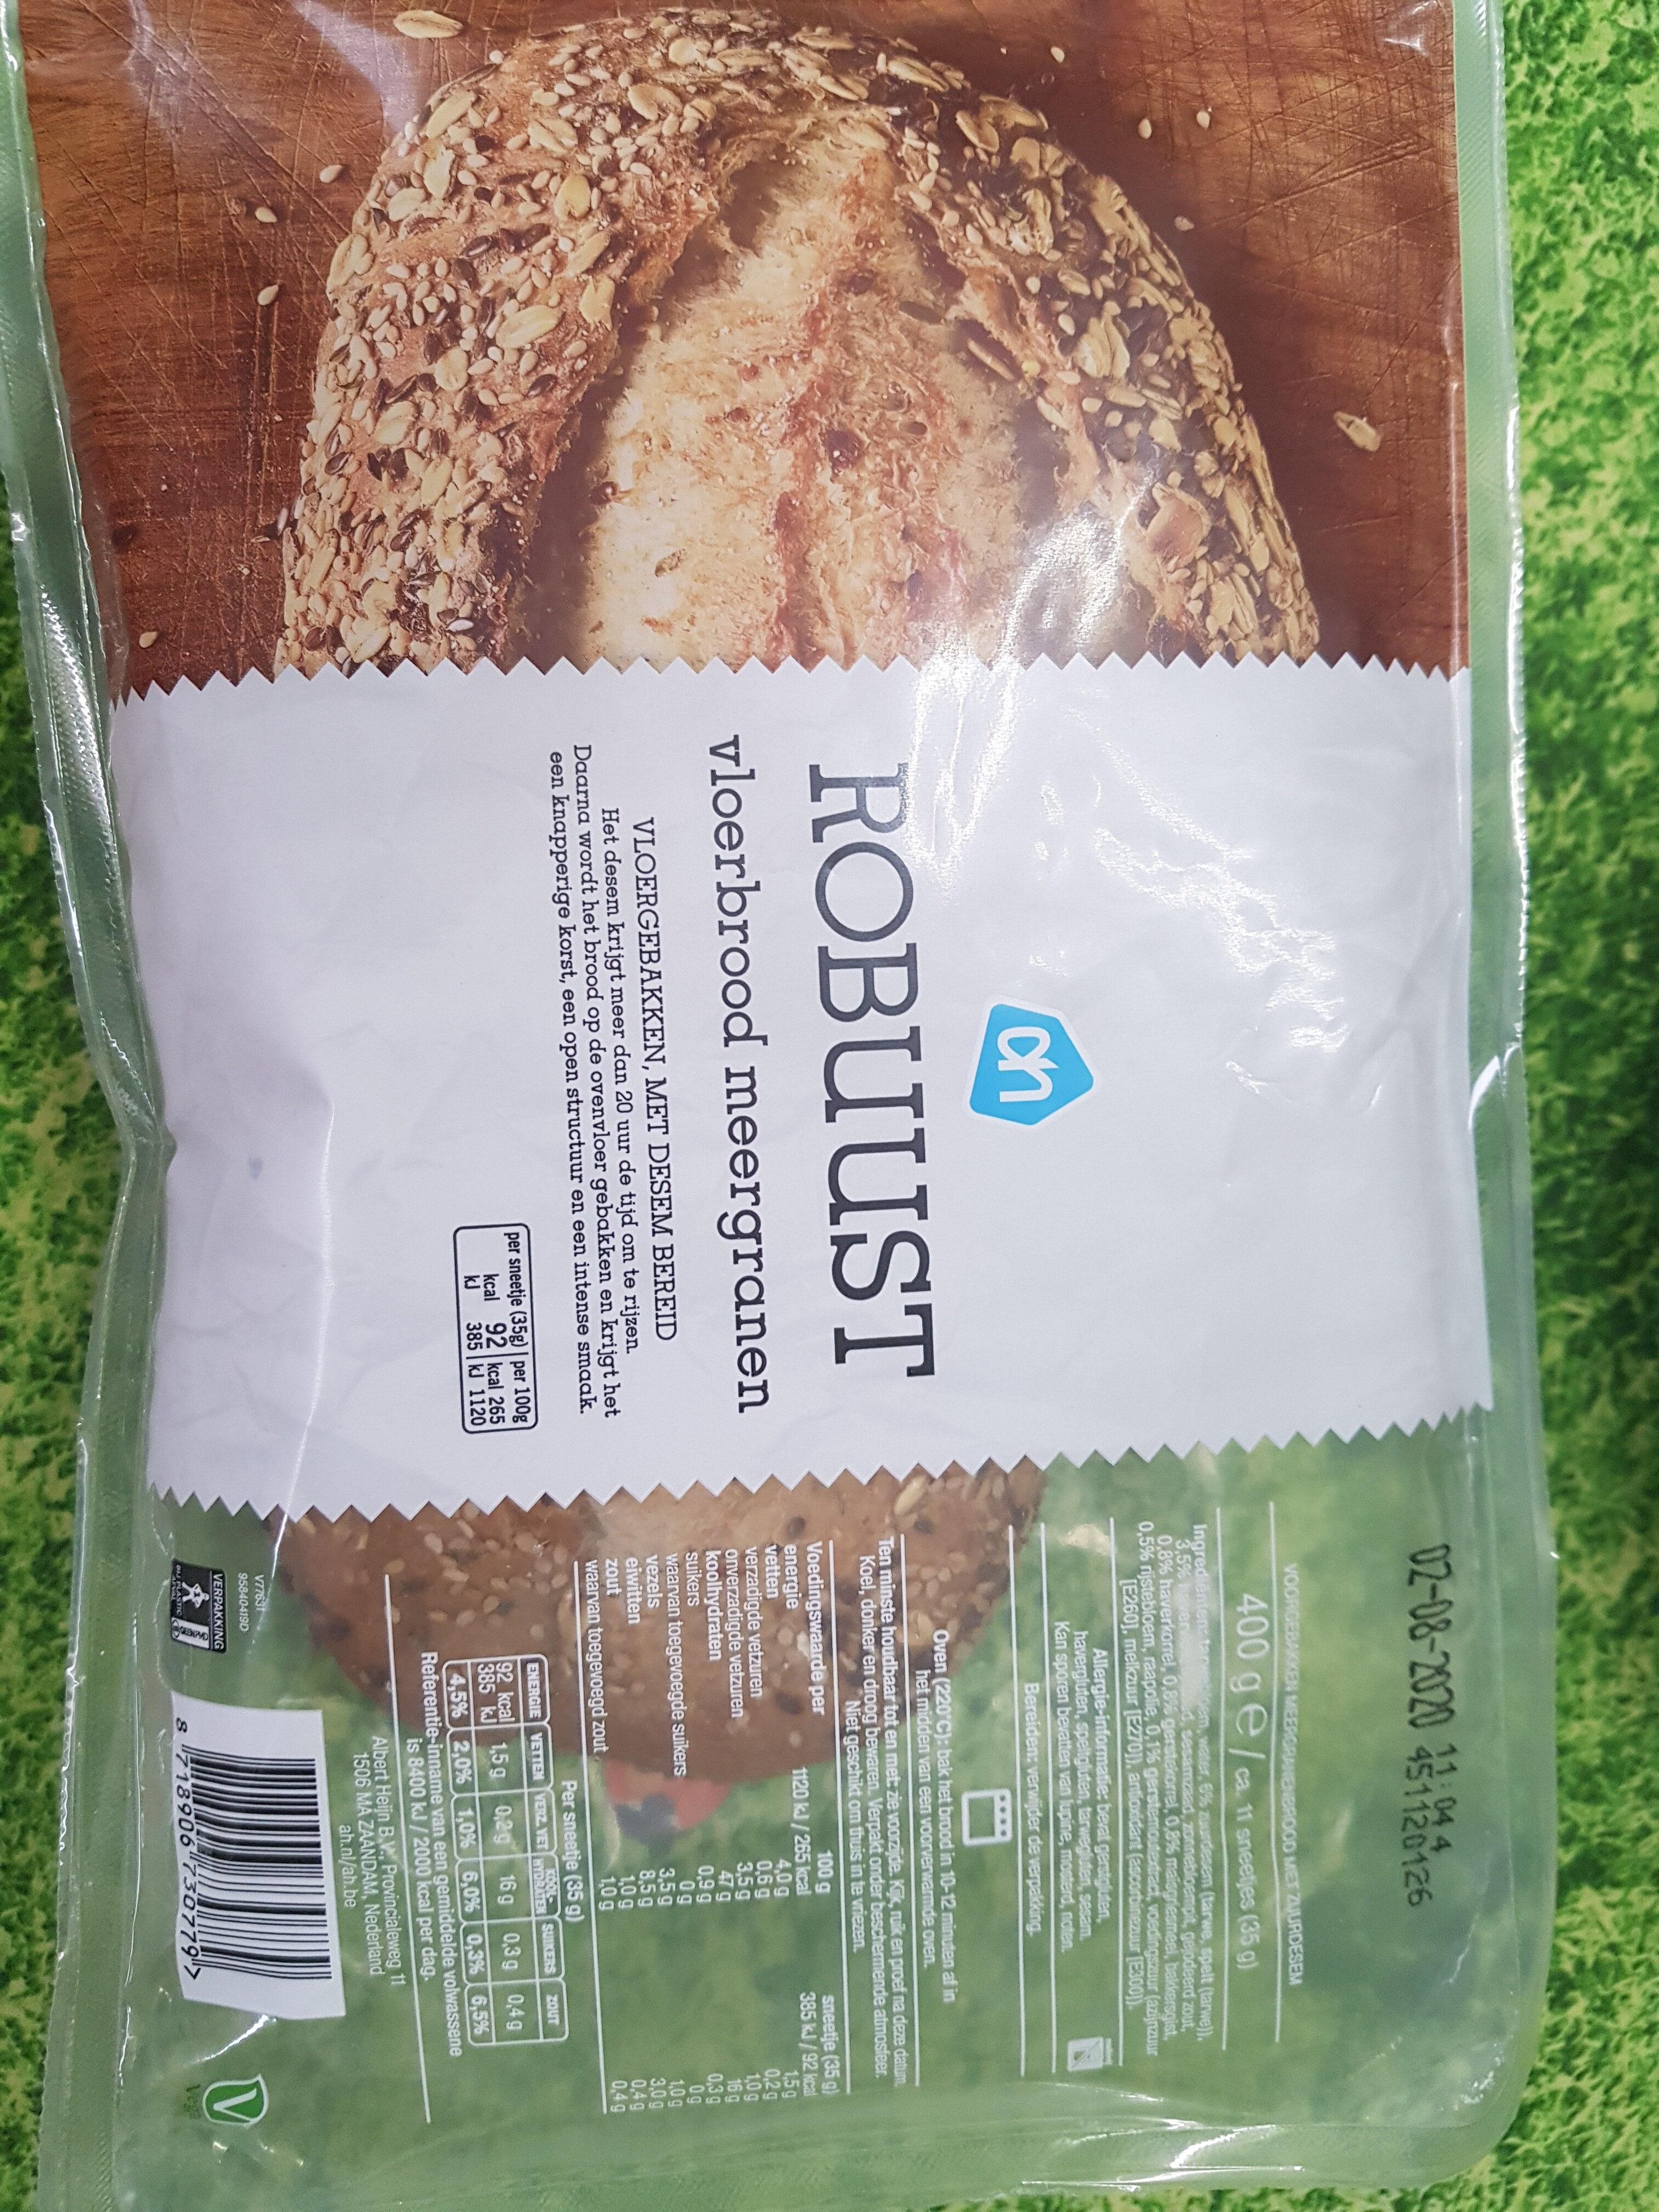 Robuust vloerbrood meergranen - Product - en